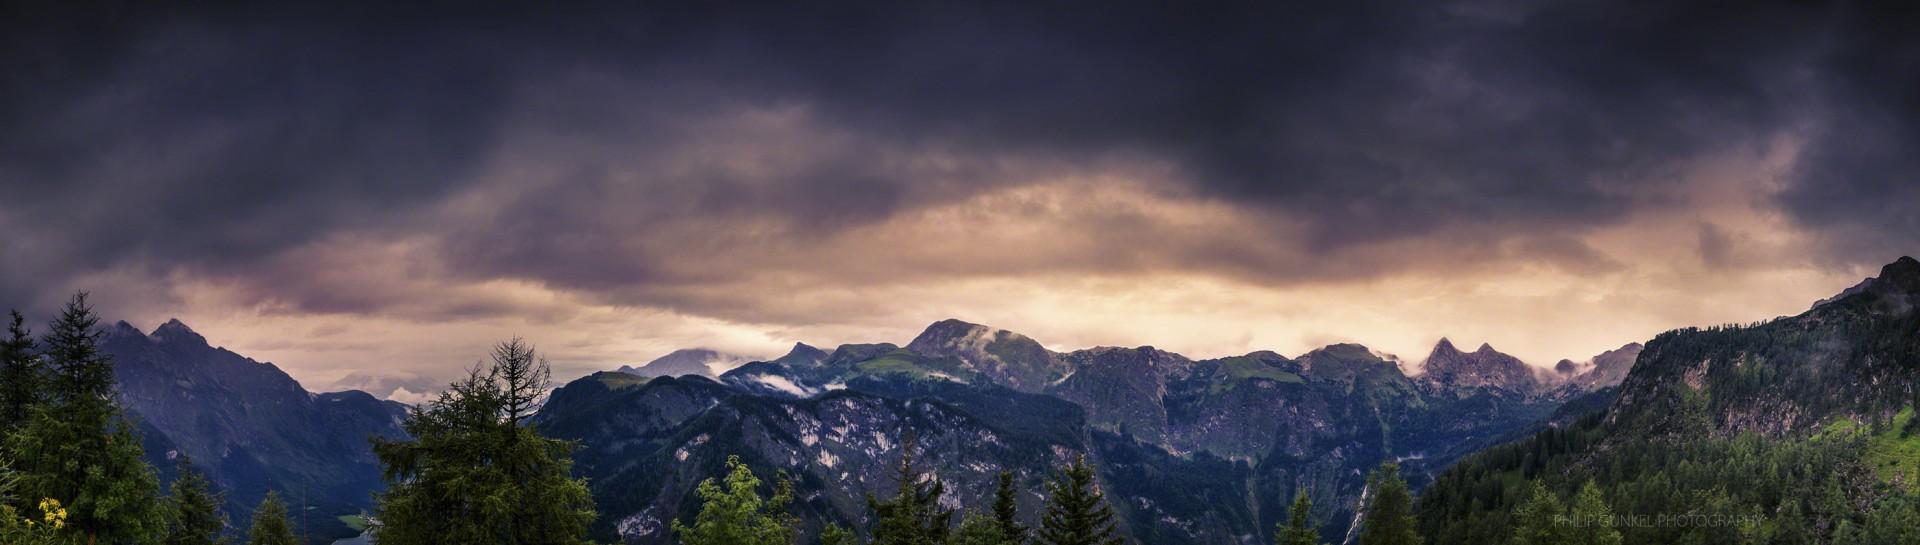 panorama_philip_gunkel_photographie_www.philipgunkel.de-18